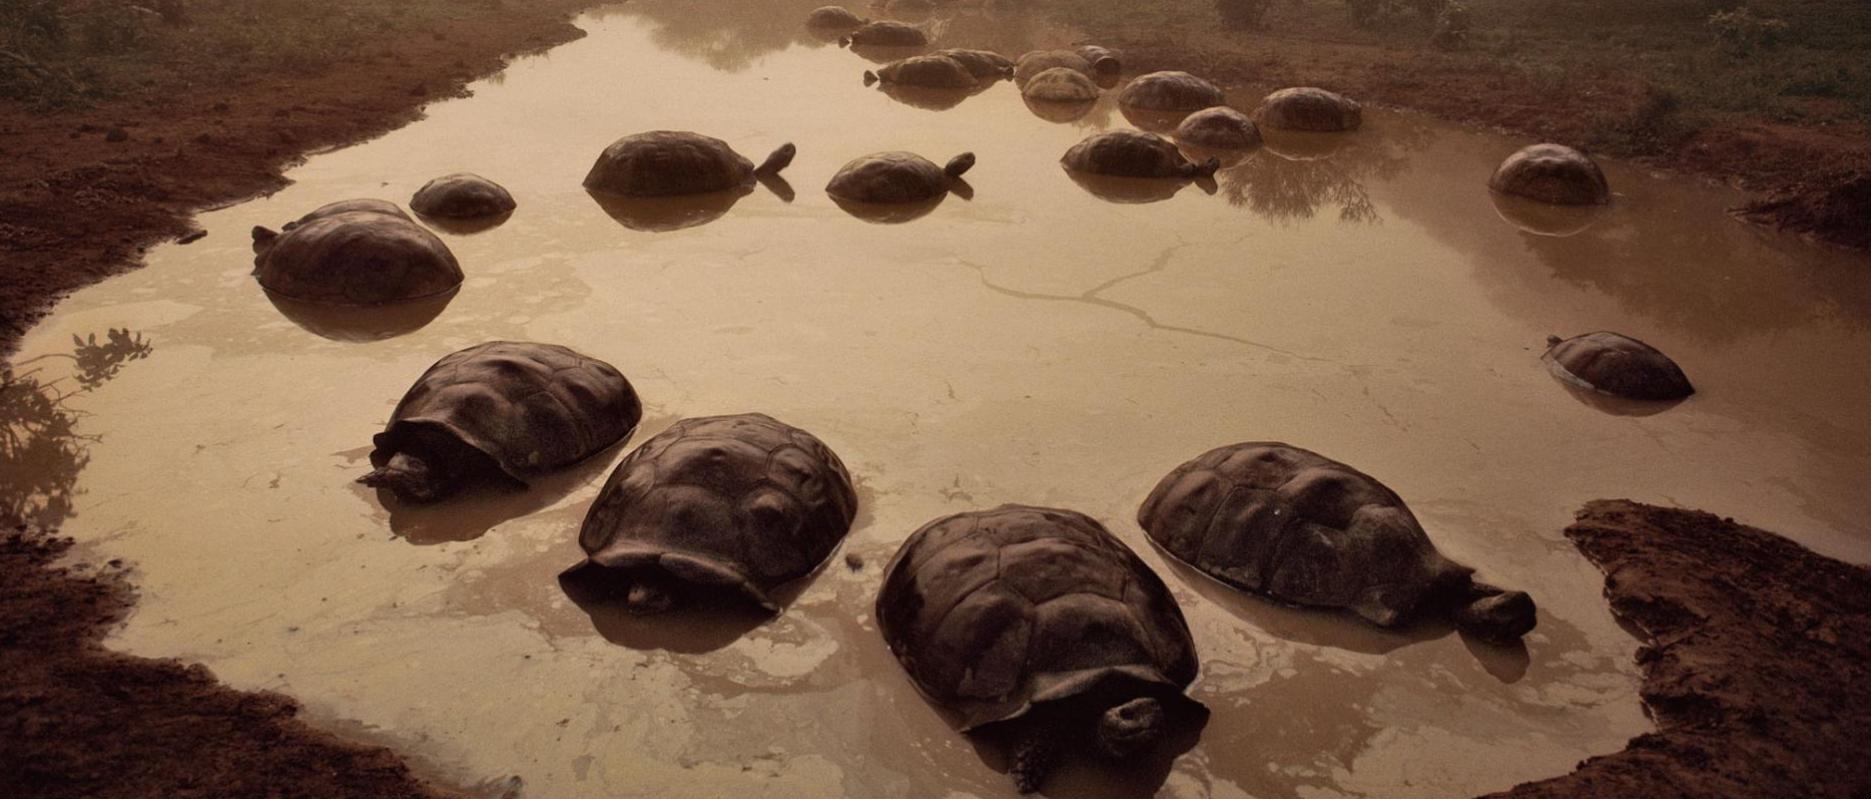 Darwin đã rất ngạc nhiên khi thấy nhiều rùa khổng lồ ở đảo Galápagos, Ecuador ngày nay.